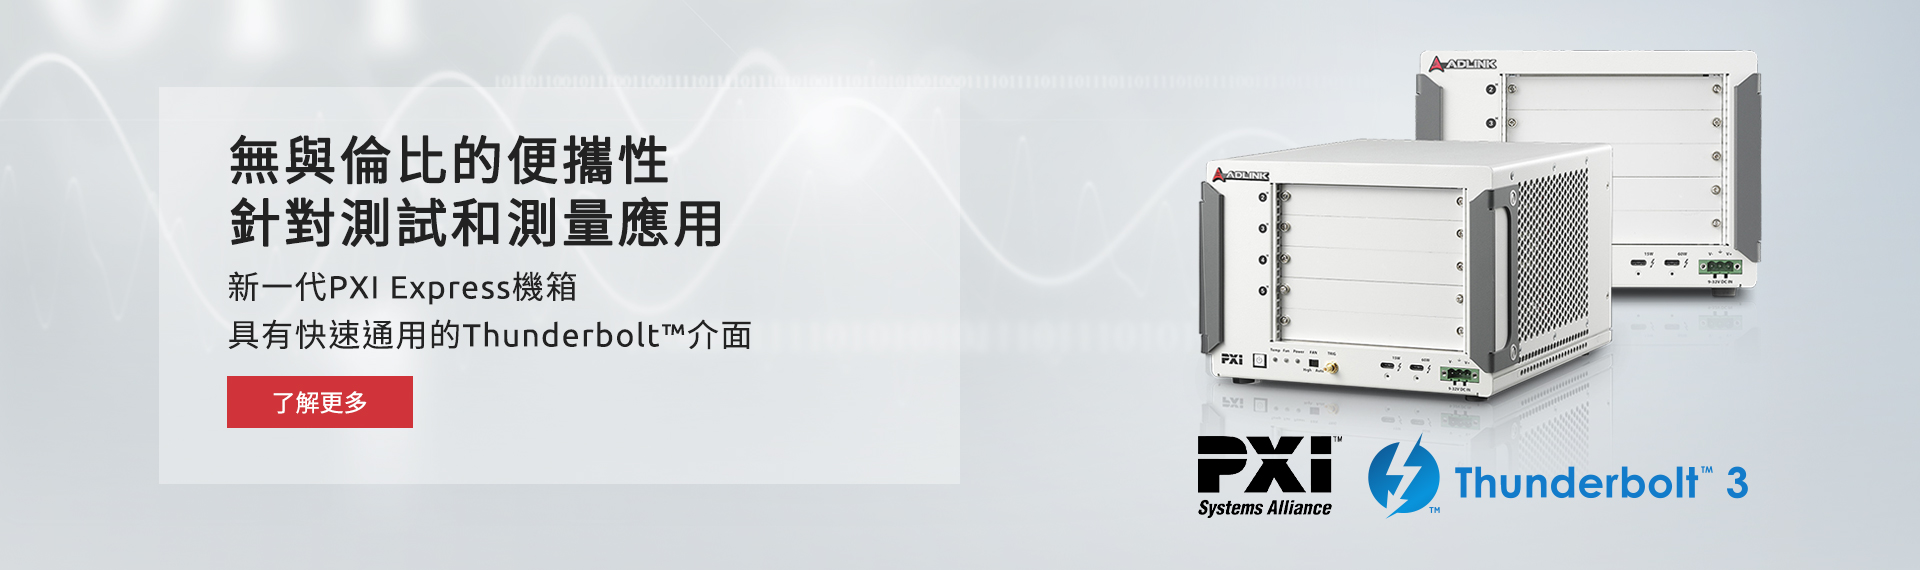 新一代PXI Express機箱具有快速通用的Thunderbolt™介面